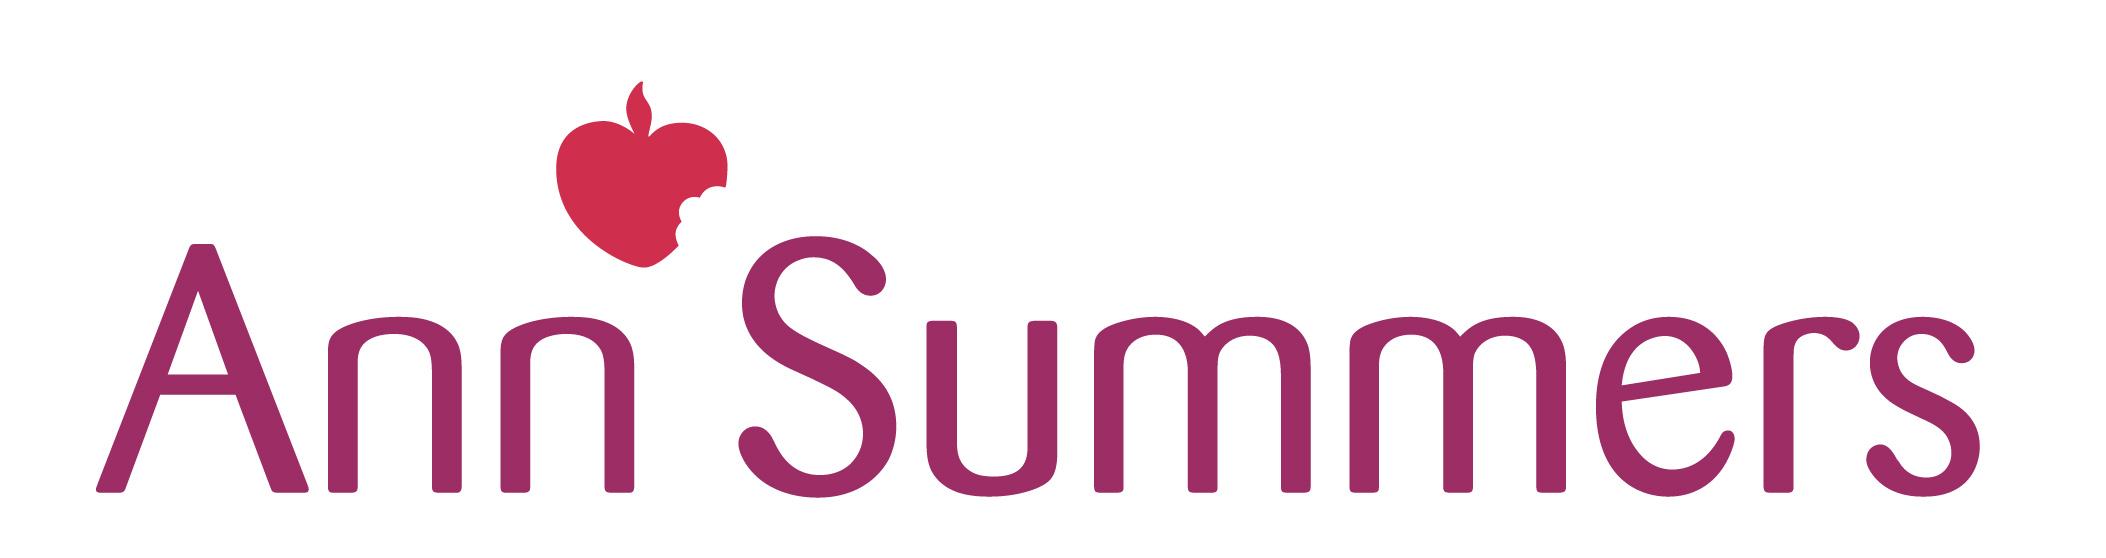 ann-summers-logo-1